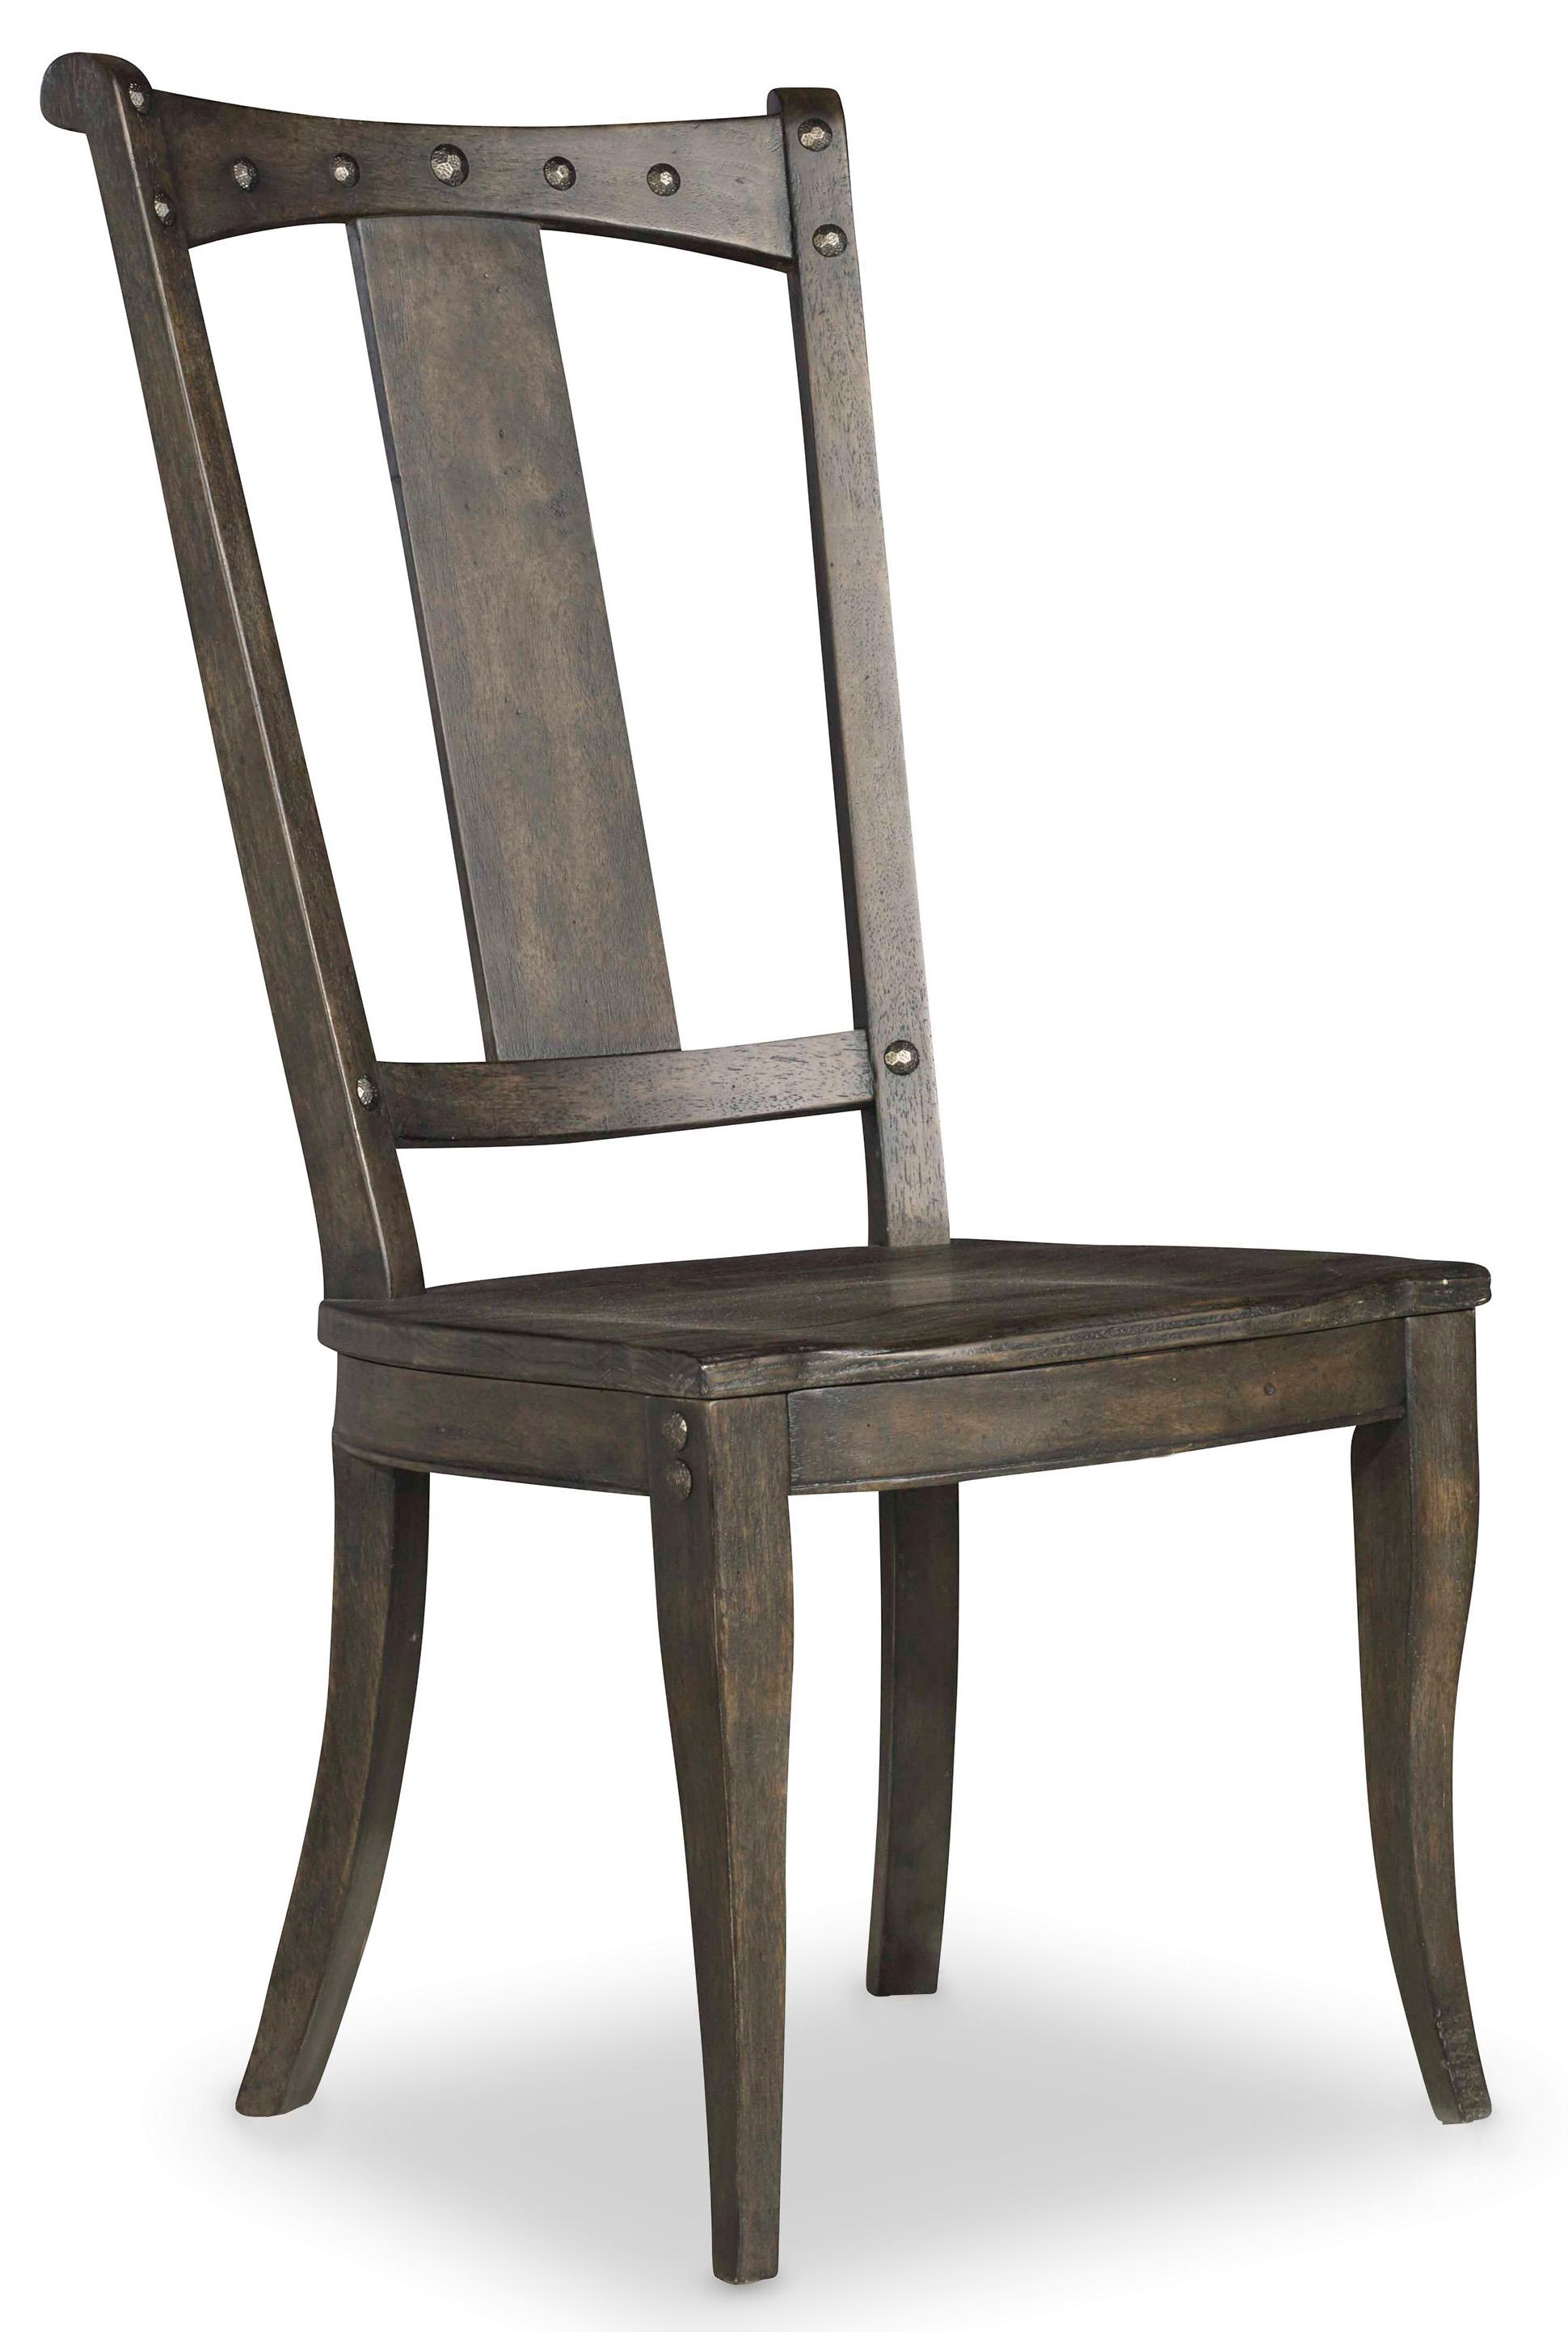 Hooker Furniture Vintage West Splatback Side Chair - Item Number: 5700-75310